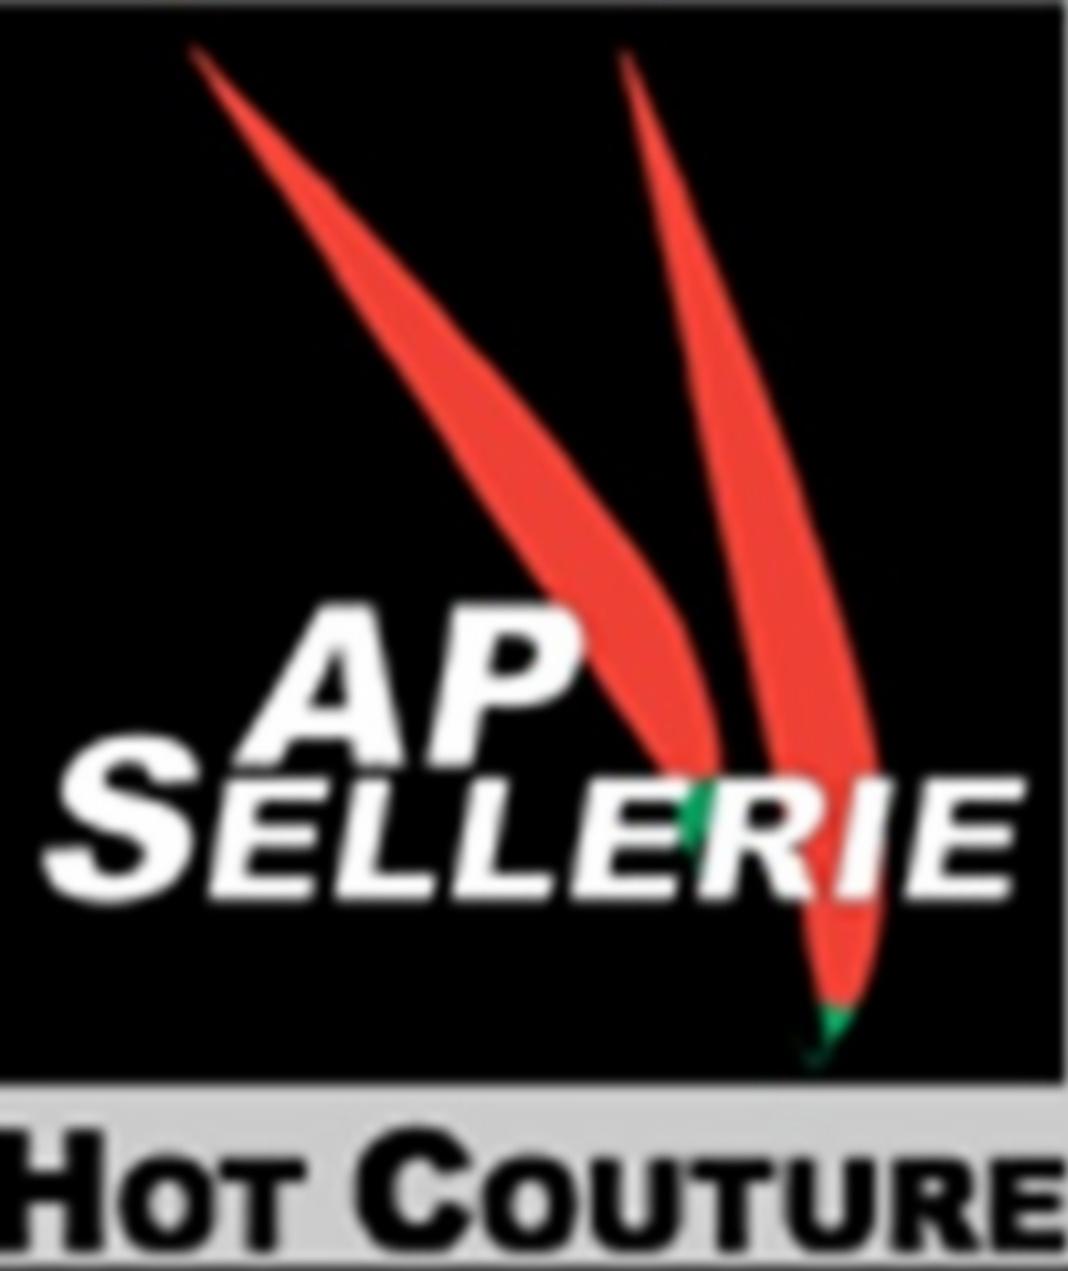 AP'SELLERIE